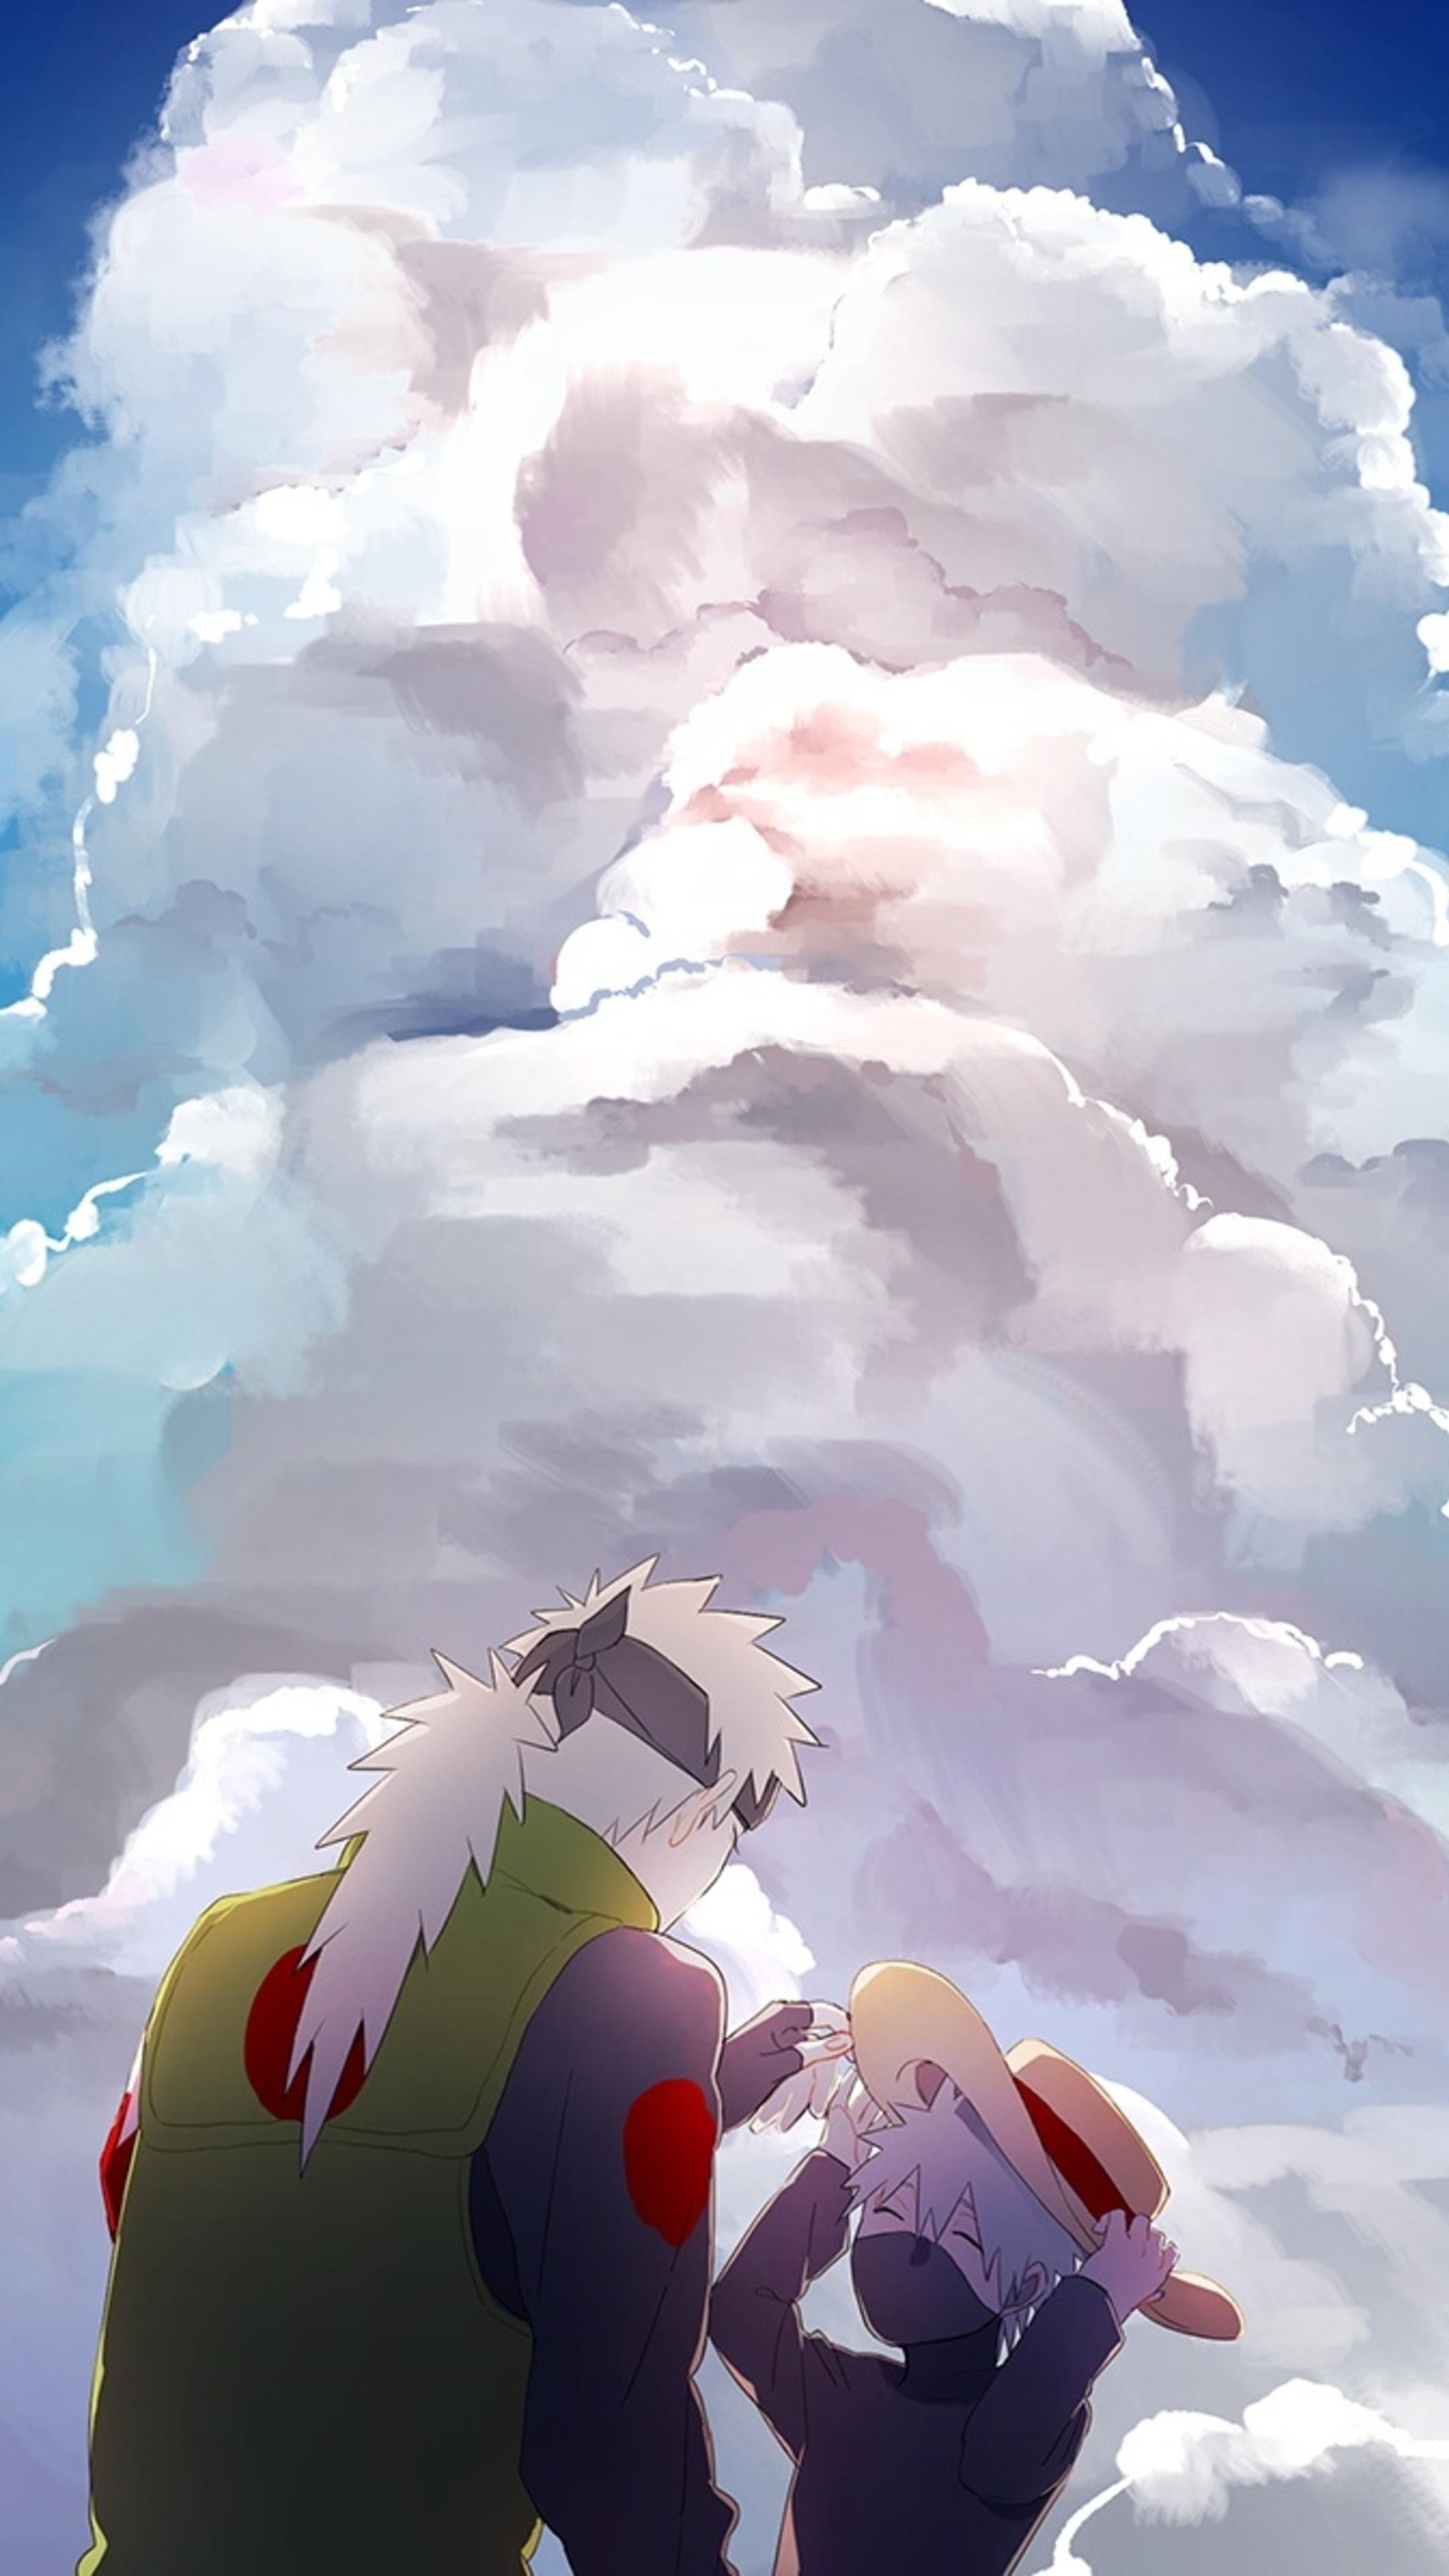 obito uchiha with guru xk